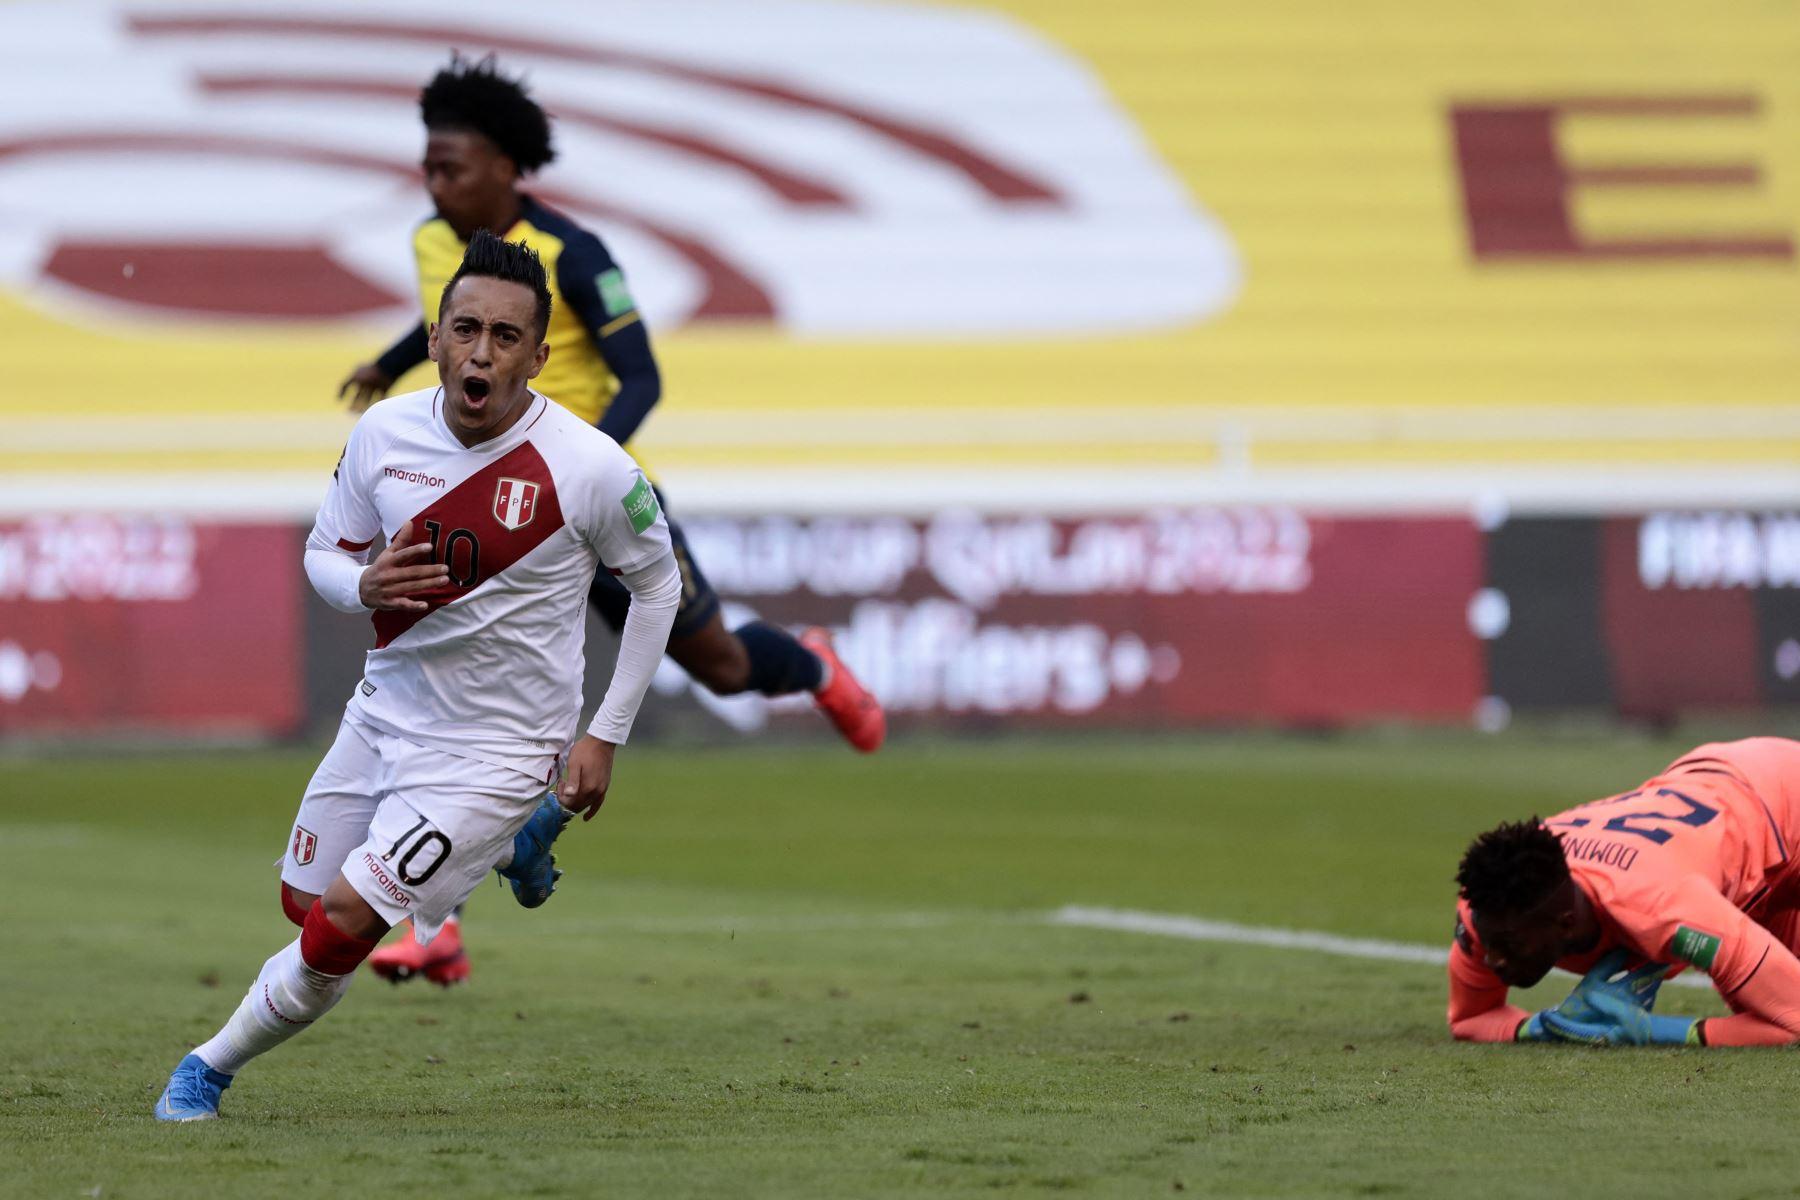 Christian Cueva de Perú celebra tras anotar contra Ecuador durante su partido de fútbol de clasificación sudamericano para la Copa Mundial de la FIFA Qatar 2022 en el Estadio Rodrigo Paz Delgado en Quito. Foto: AFP